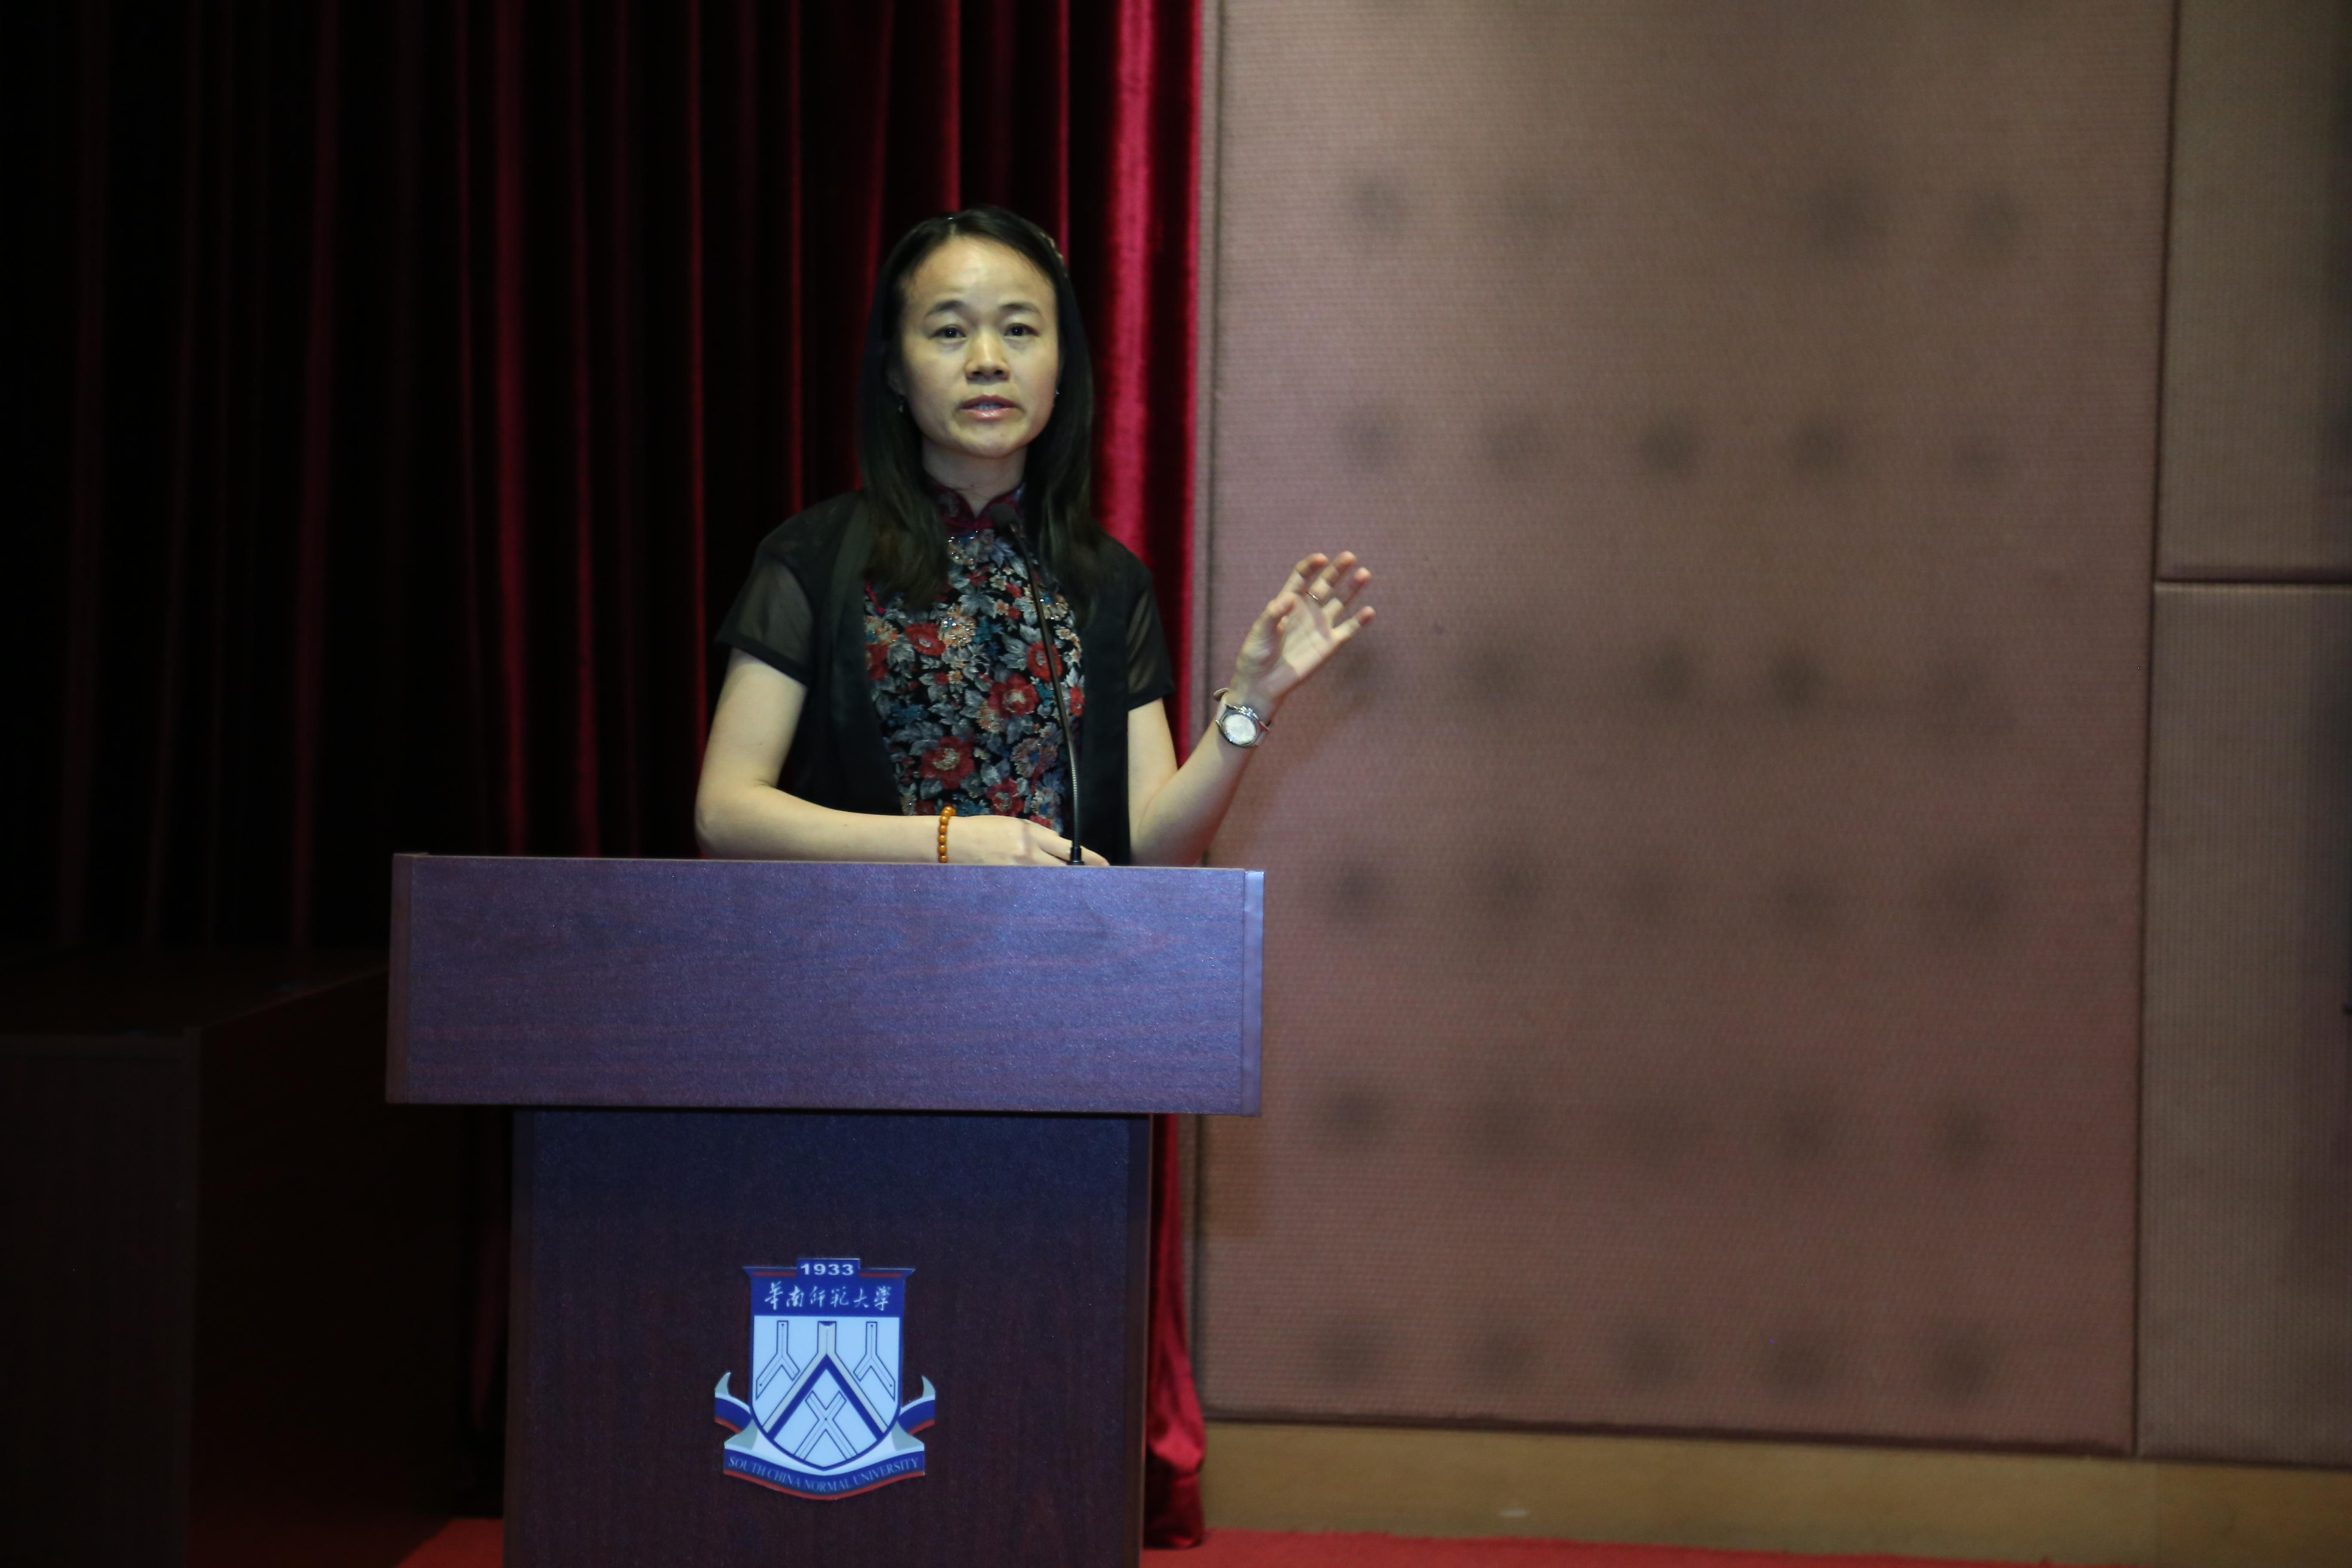 优秀指导老师代表黄喜珊老师分享带队经验与感受.JPG